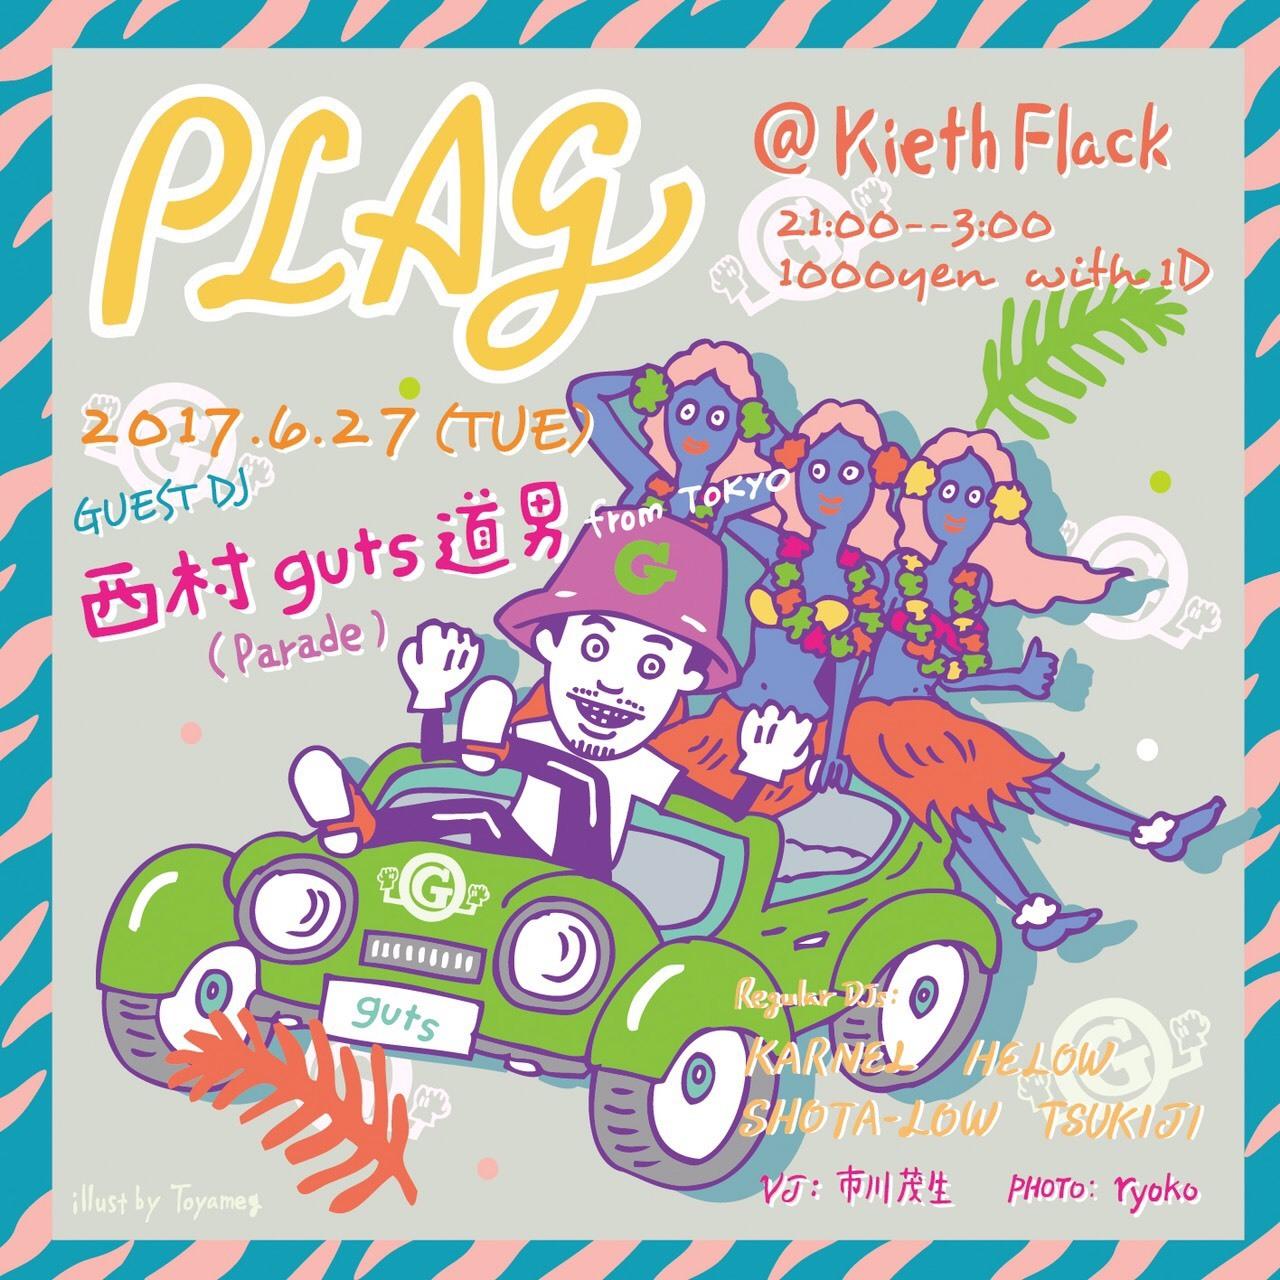 6/27 (TUE) 「PLAG」 @福岡 KIETH FLACK_e0153779_23210884.jpg